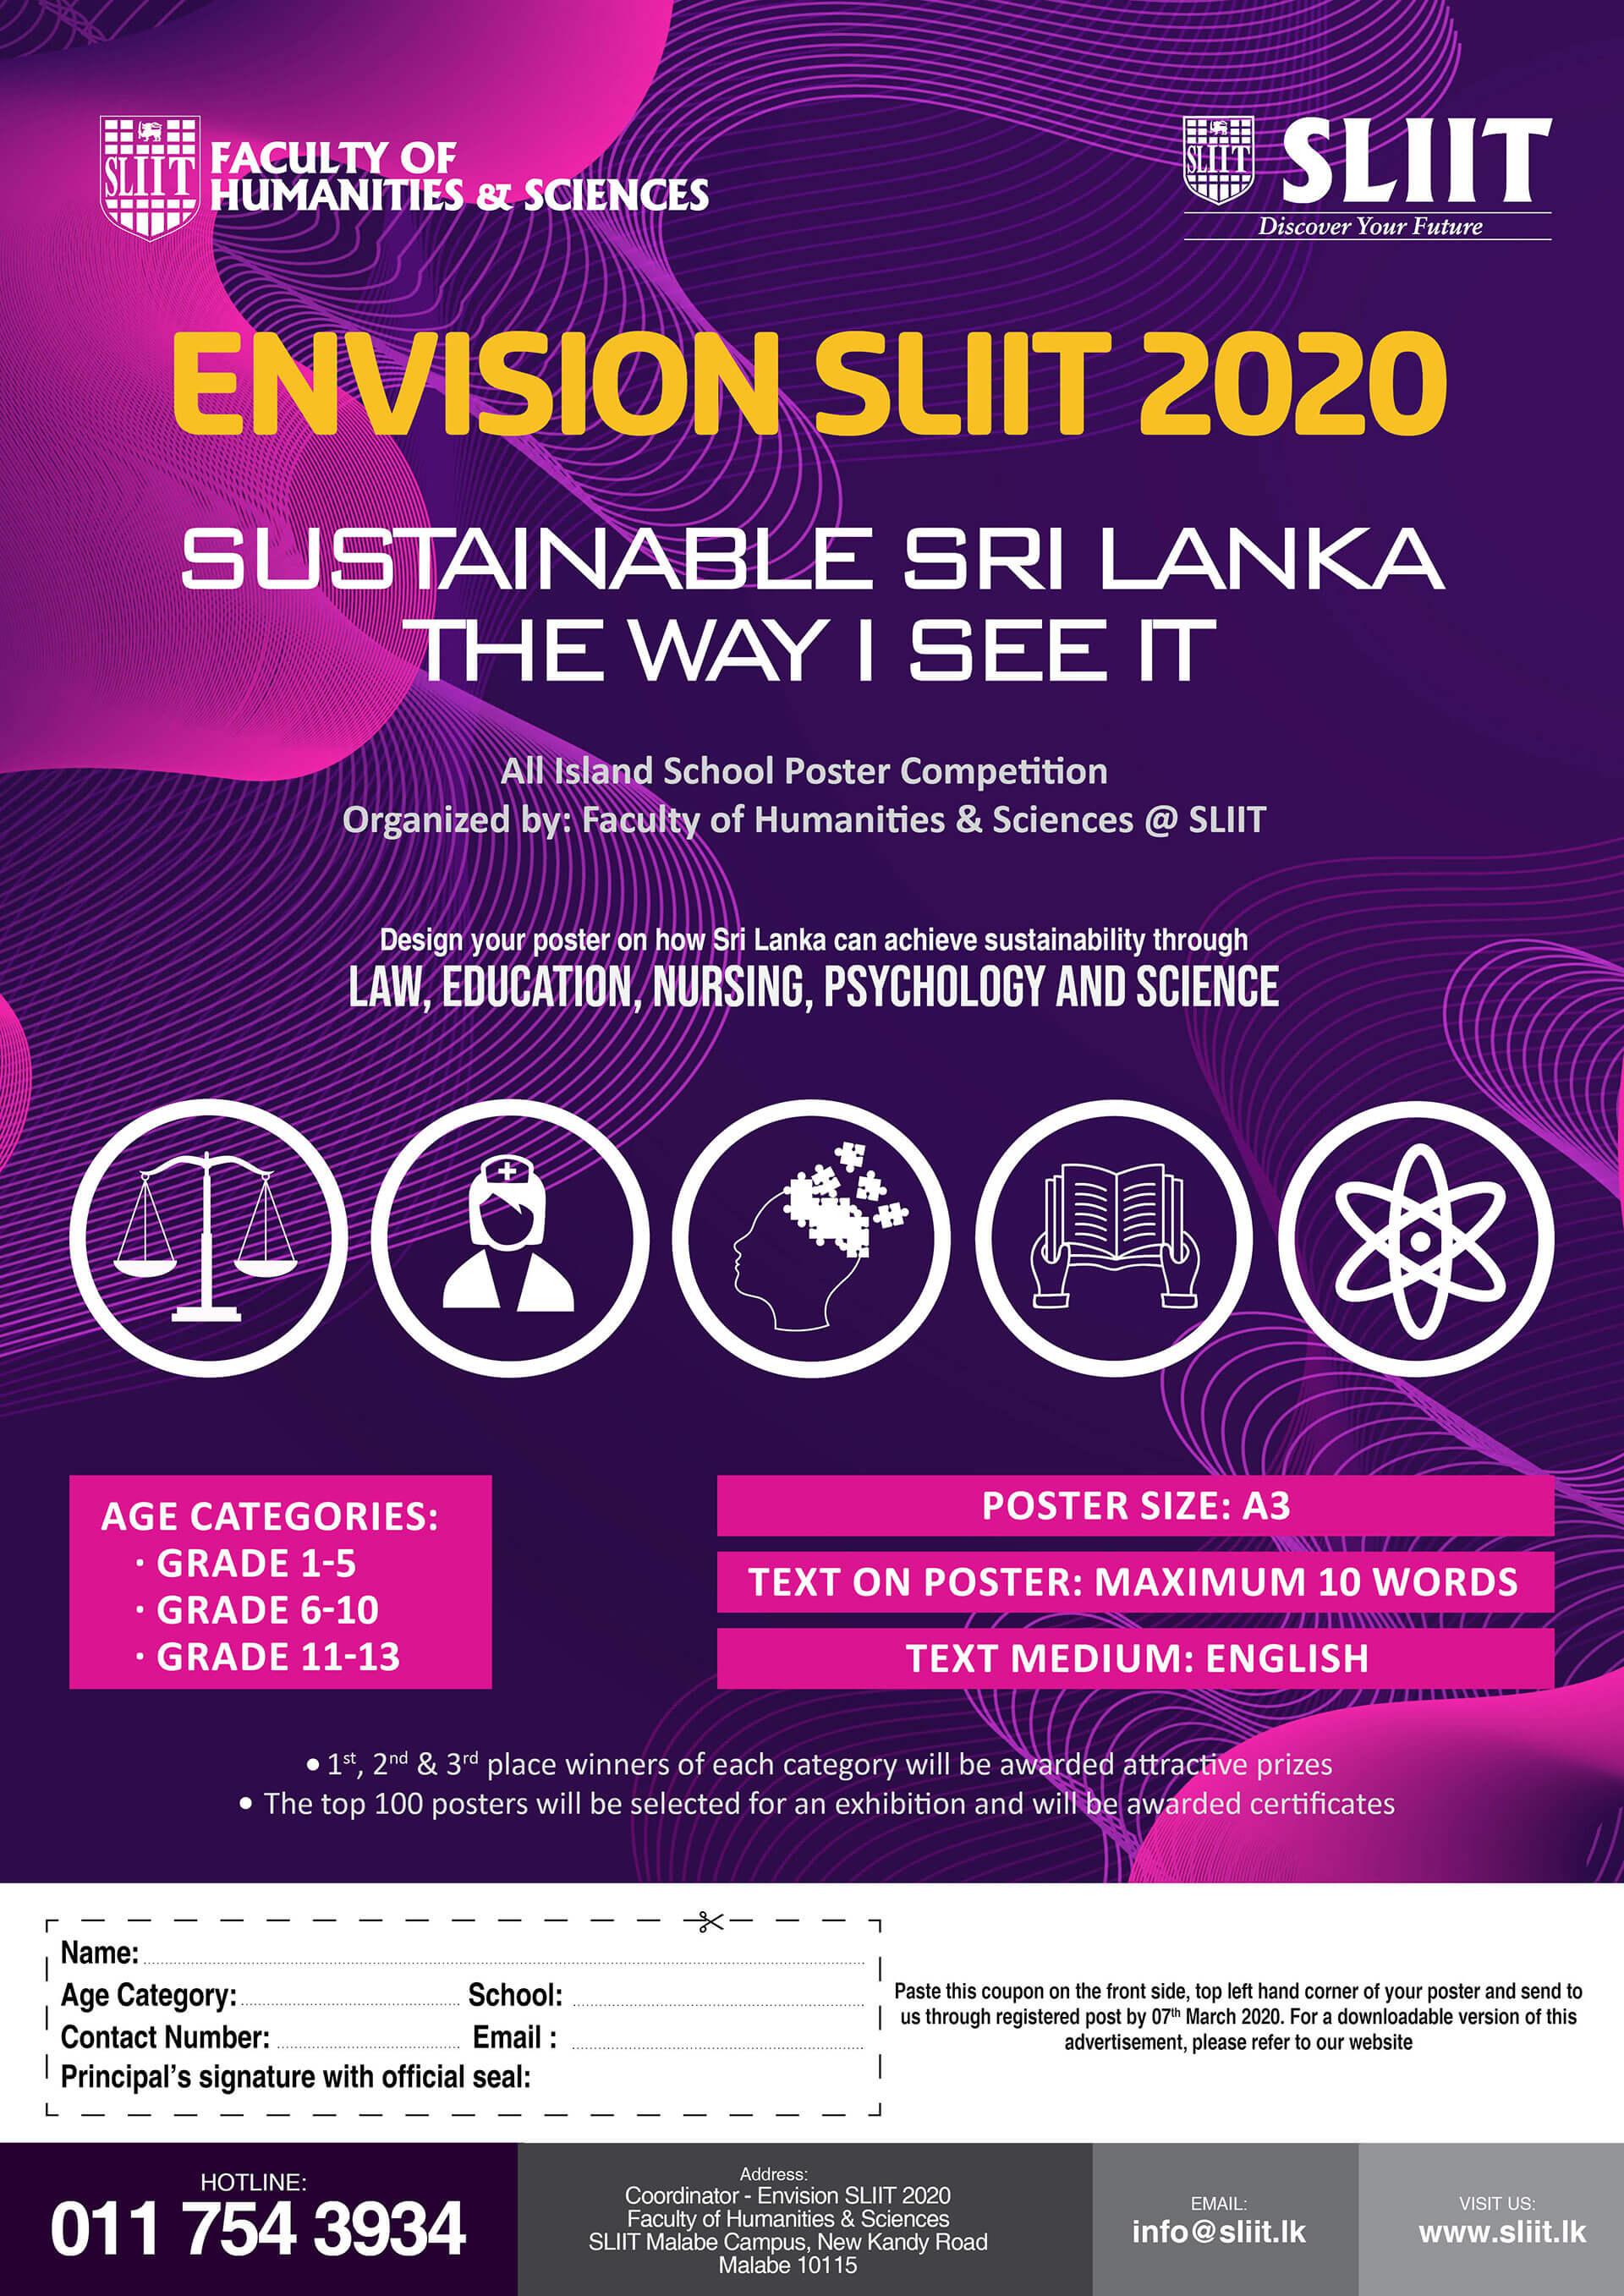 envision-sliit-2020-banner-eng